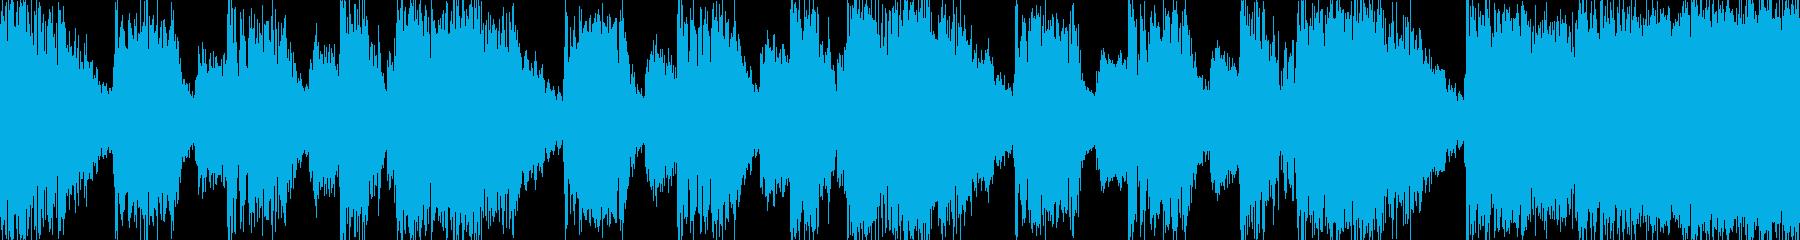 ブラス系POP おちゃめ Loop素材の再生済みの波形